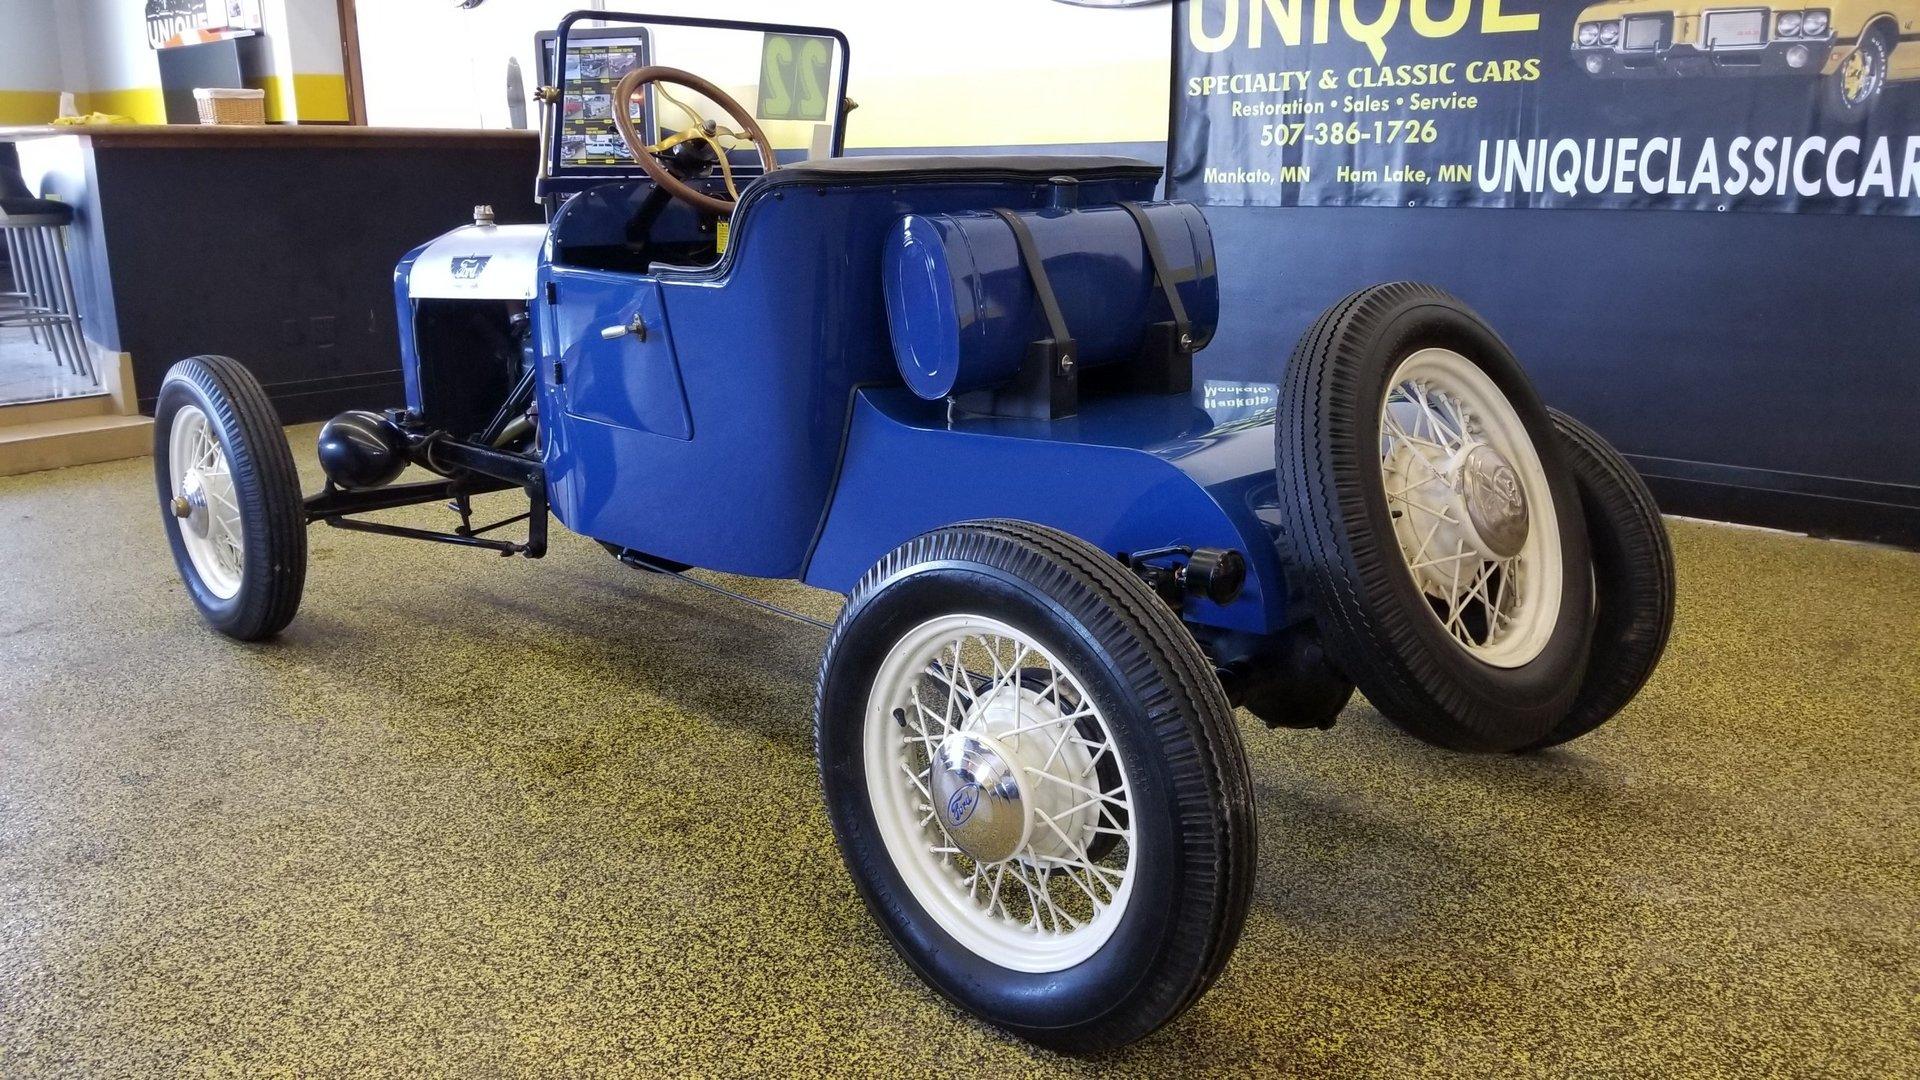 1922 Ford Model T Speedster for sale #80369 | MCG